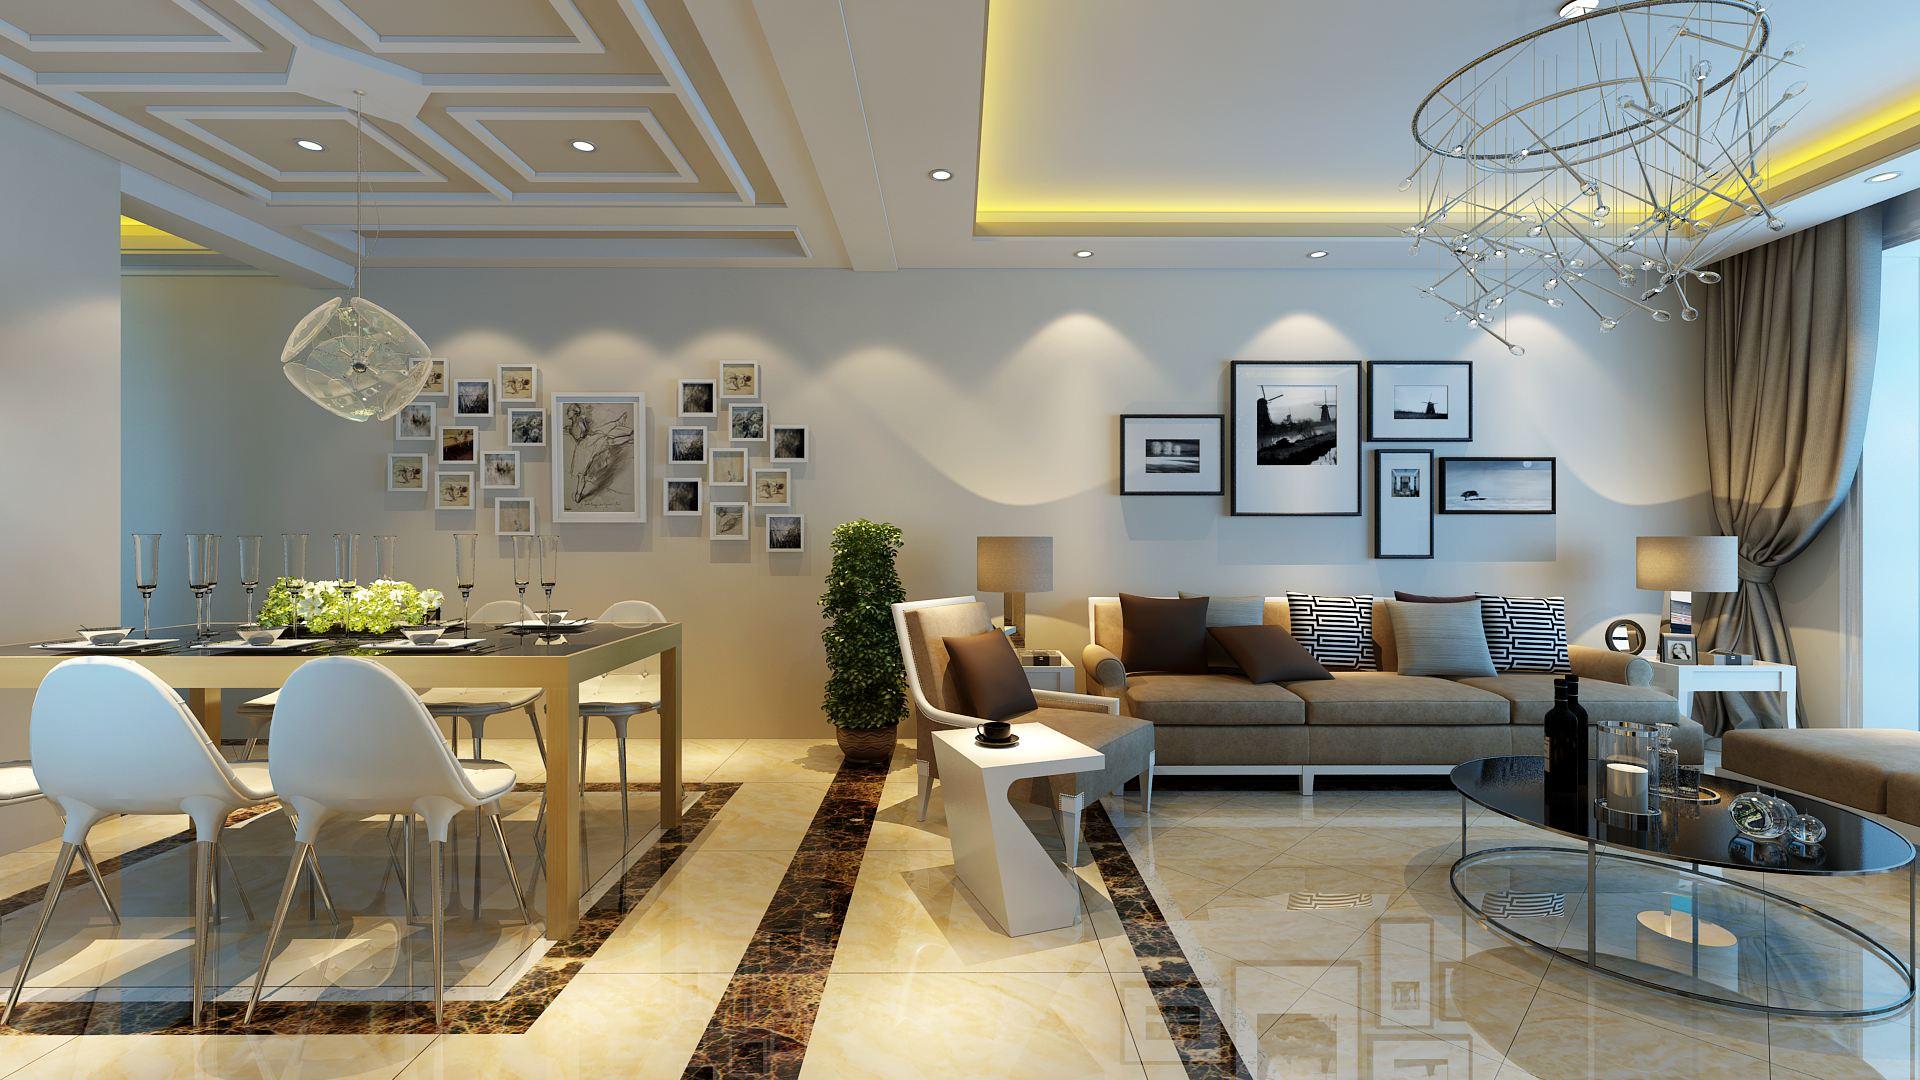 樟树市托美尔装饰设计工程有限公司